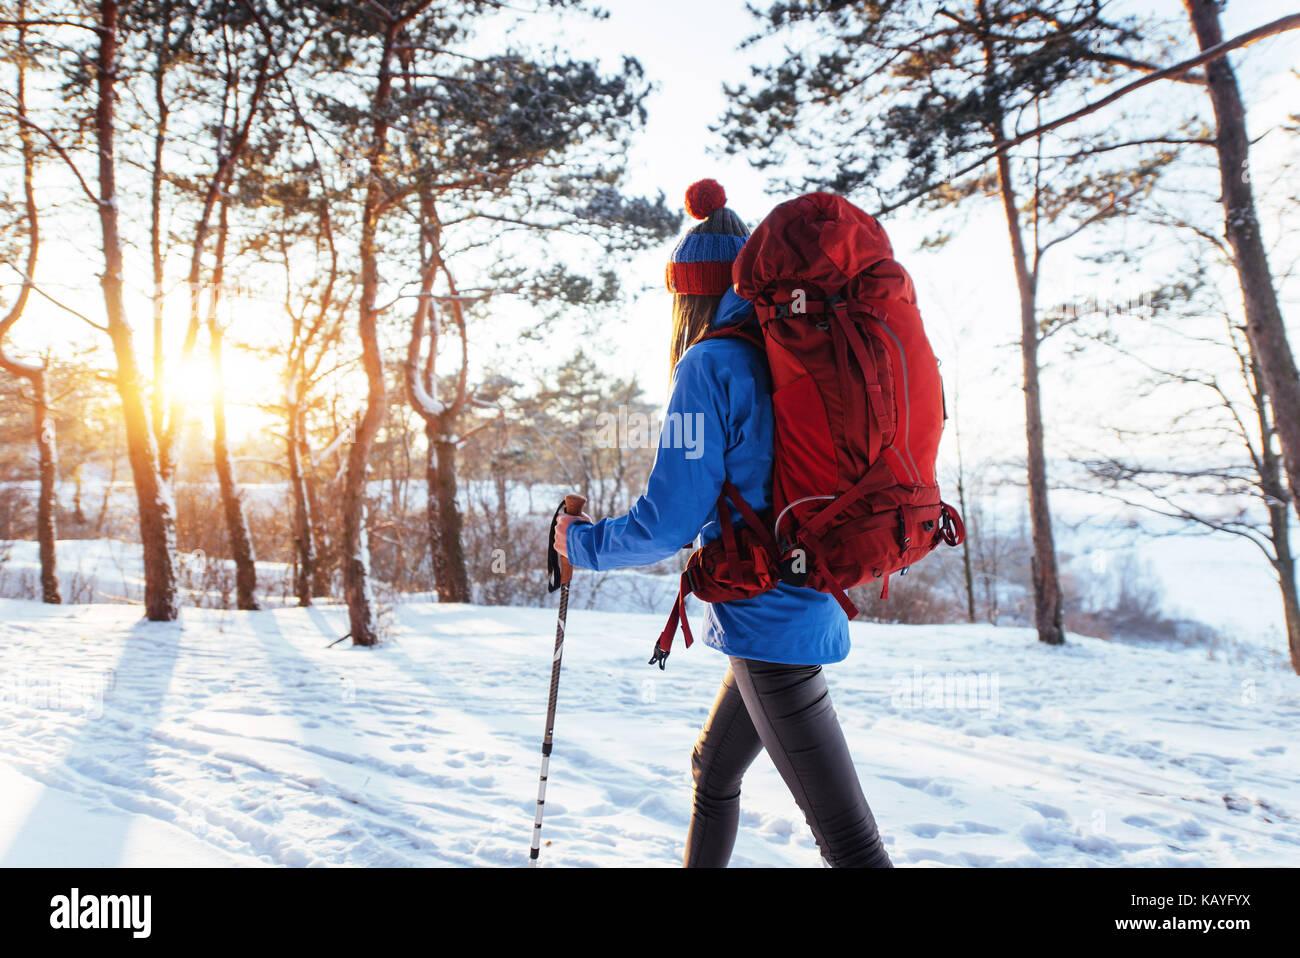 Frau Reisenden mit Rucksack wandern Reisen Lifestyle Abenteuer Konzept aktive Ferien im Freien. Wunderschöne Stockbild